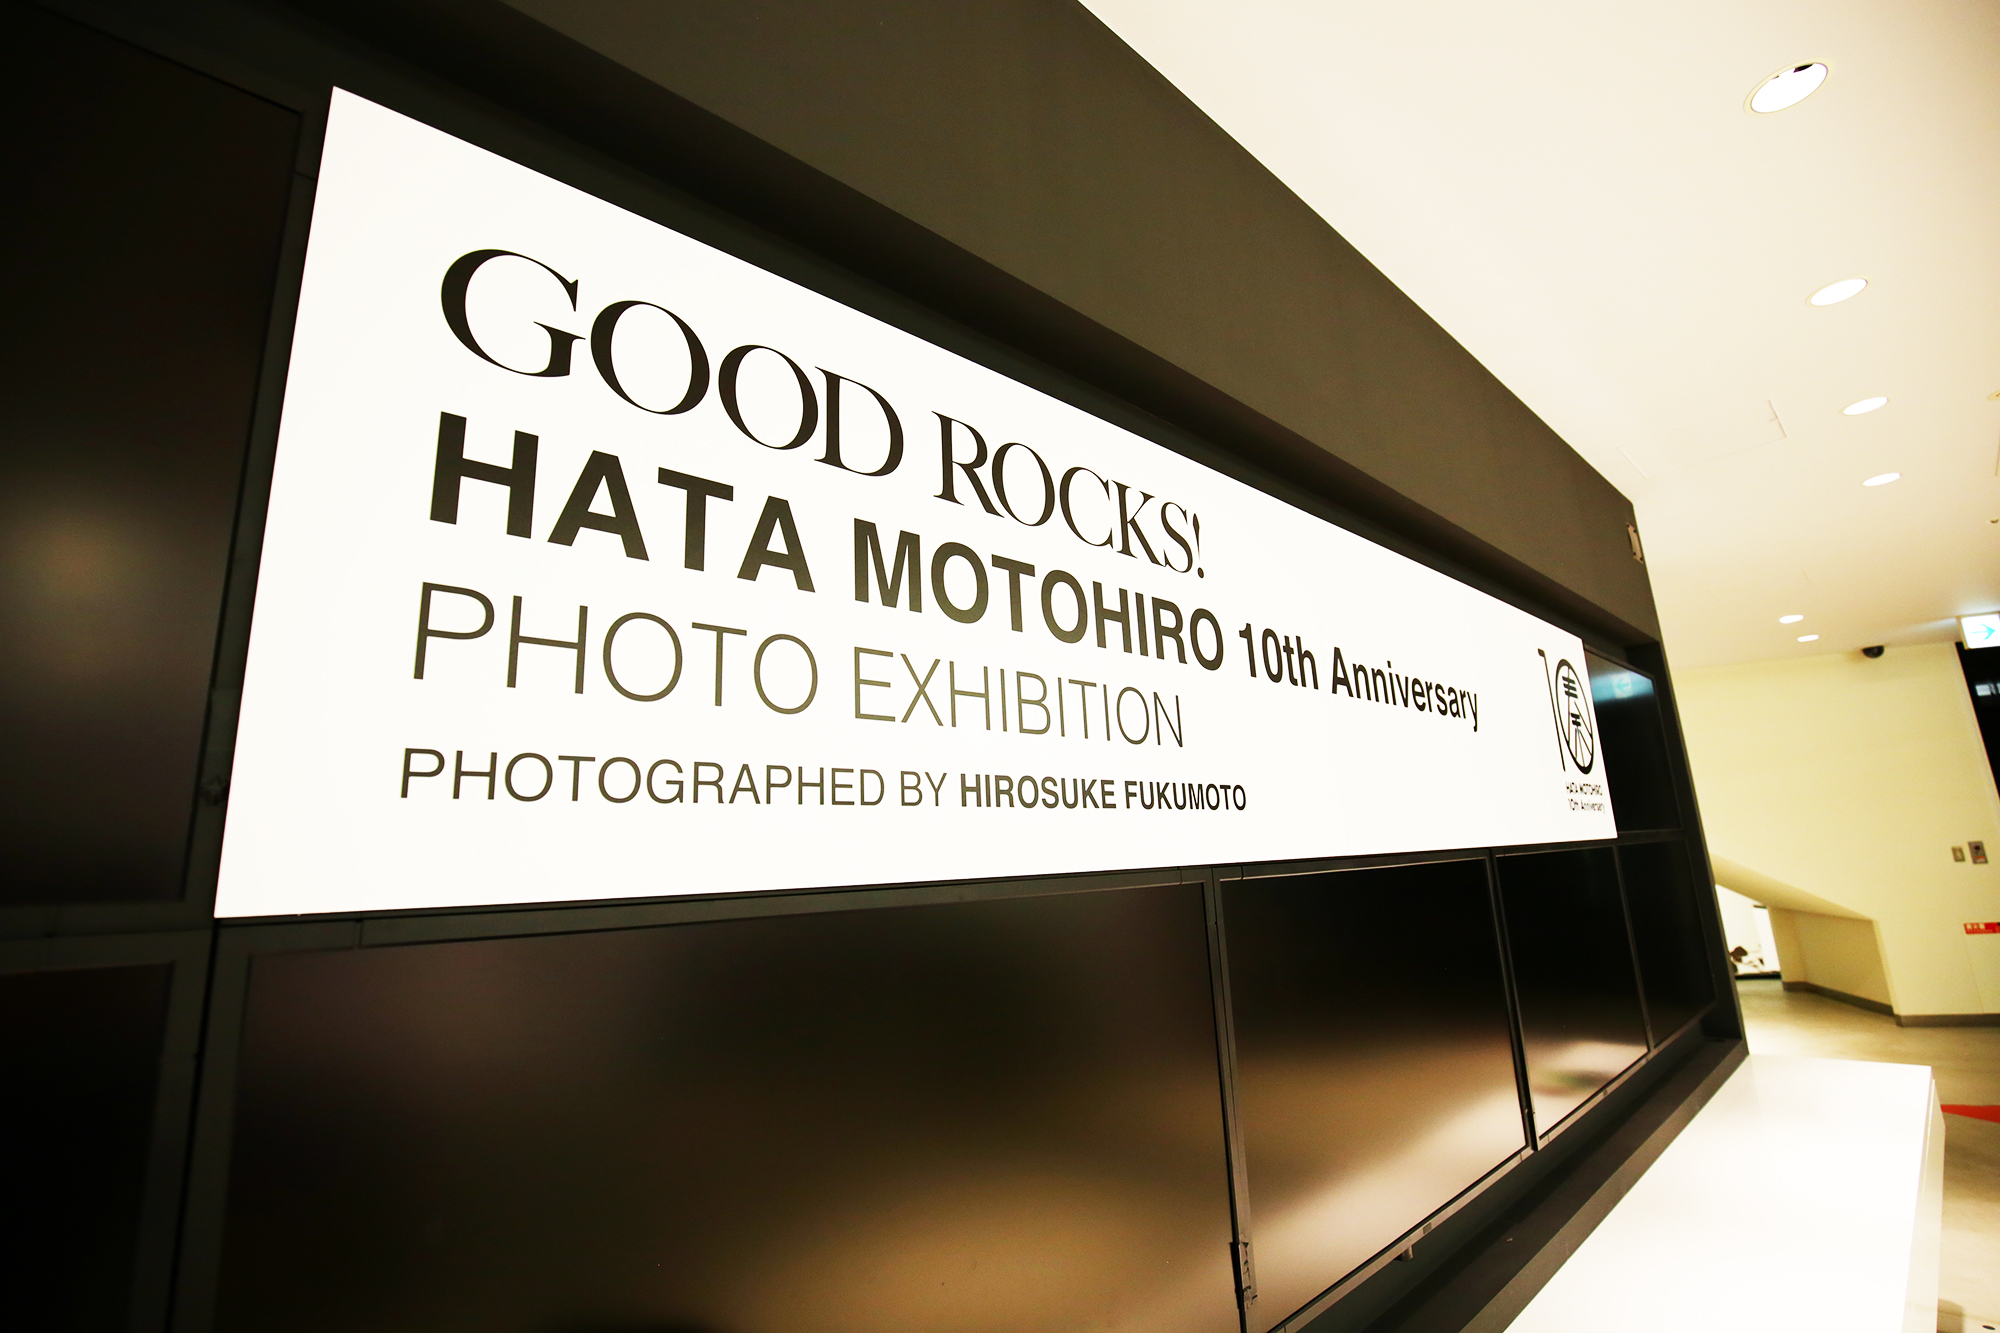 【大阪】GOOD ROCKS! HATA MOTOHIRO 10th Anniversary PHOTO EXHIBITION  PHOTOGRAPHED BY HIROSUKE FUKUMOTO IN OSAKA